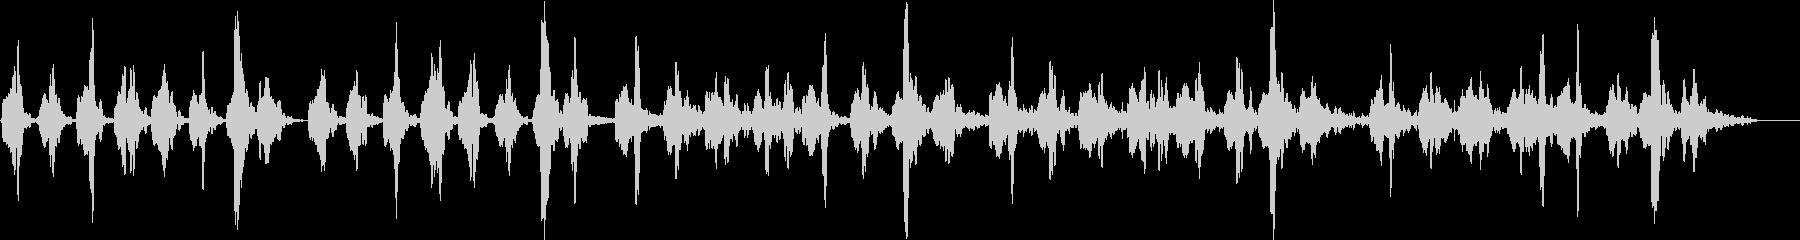 柔らかい音空間の優しいアンビエントの未再生の波形